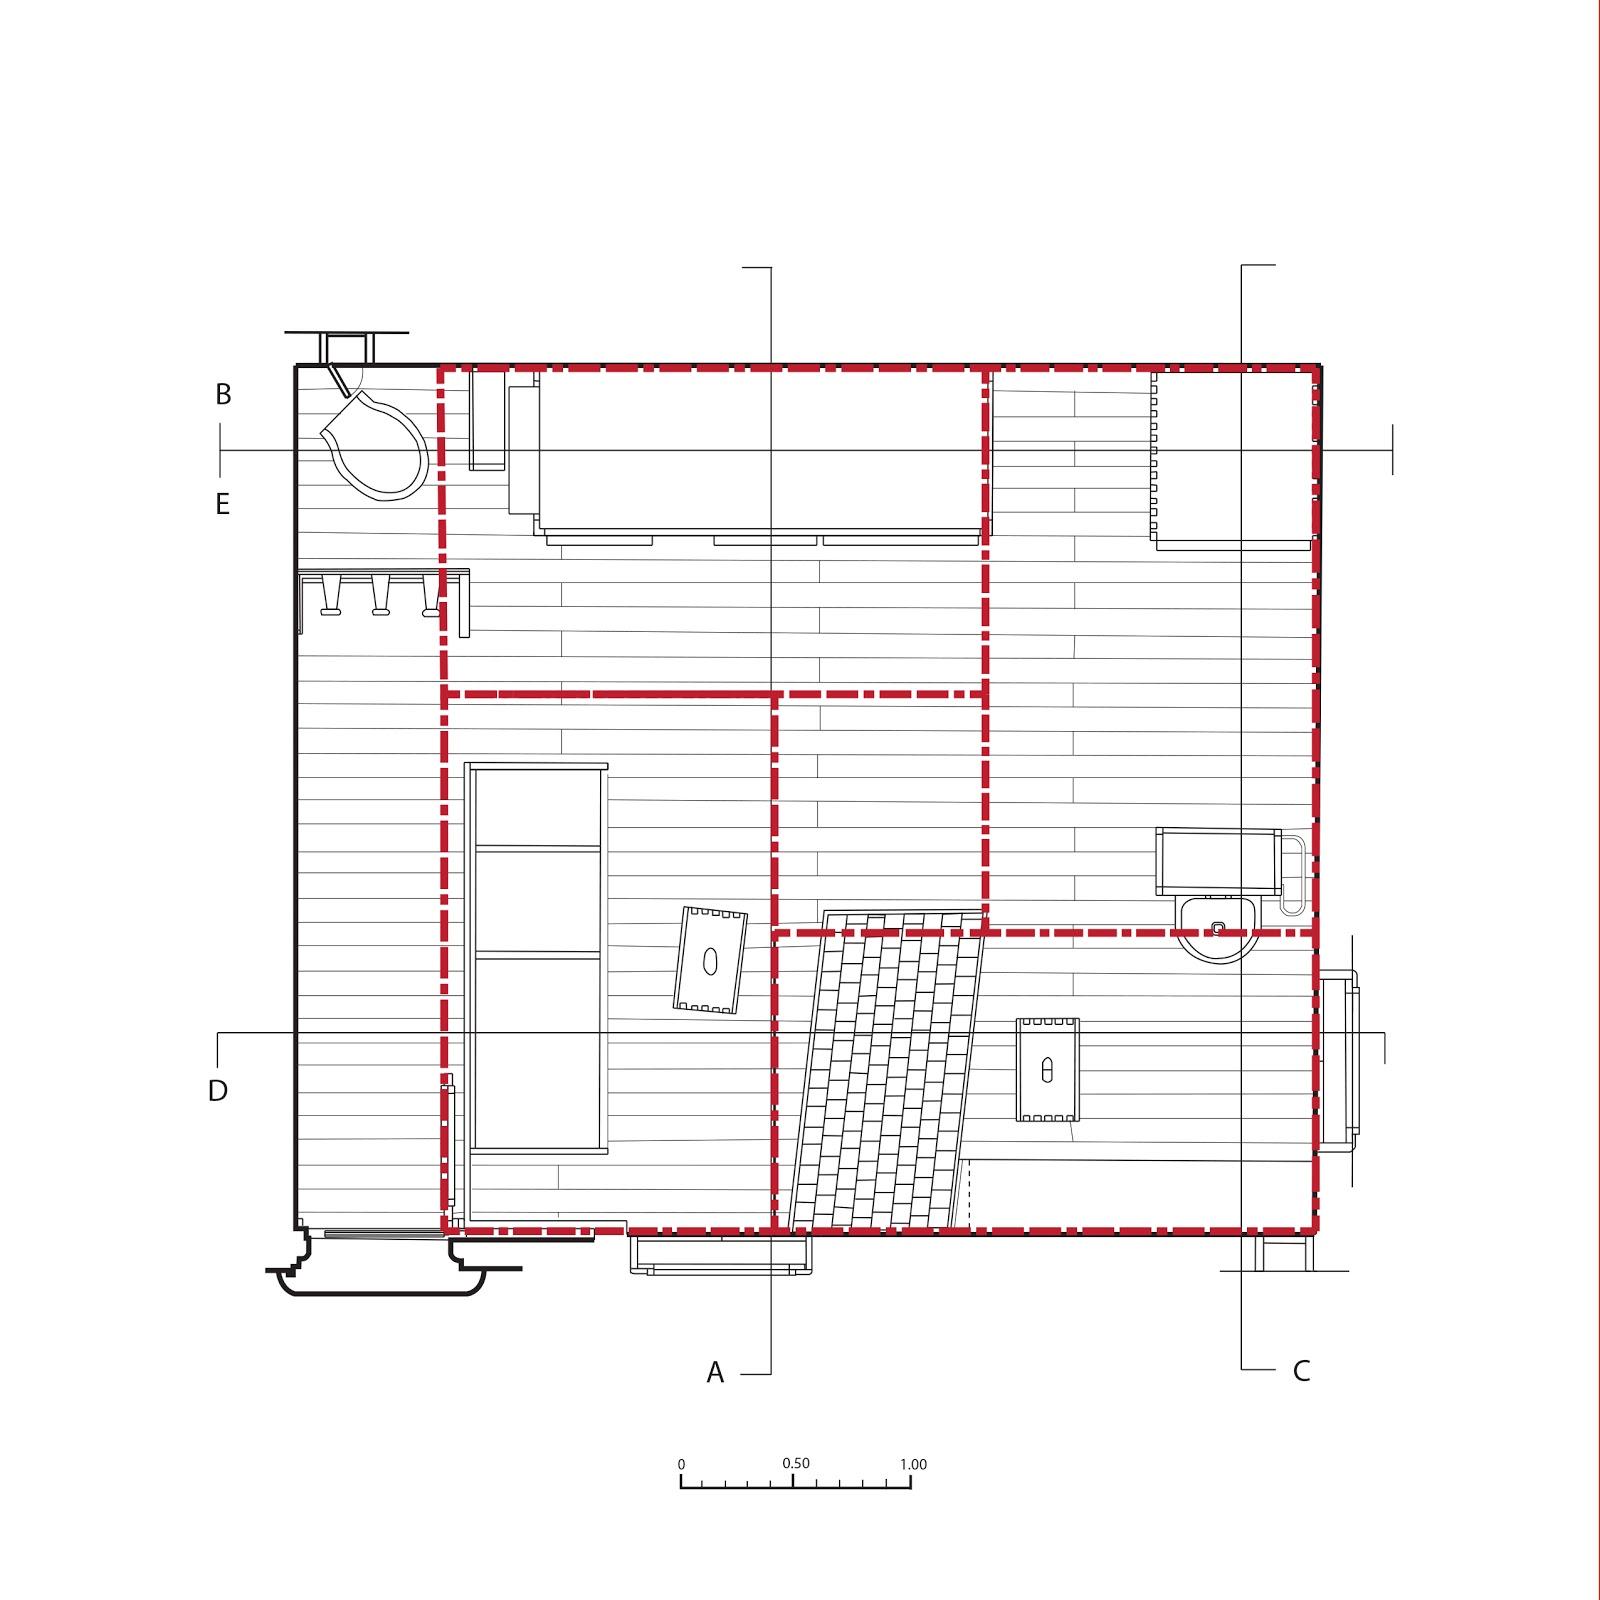 Petit cabanon - Unite d habitation dimensions ...